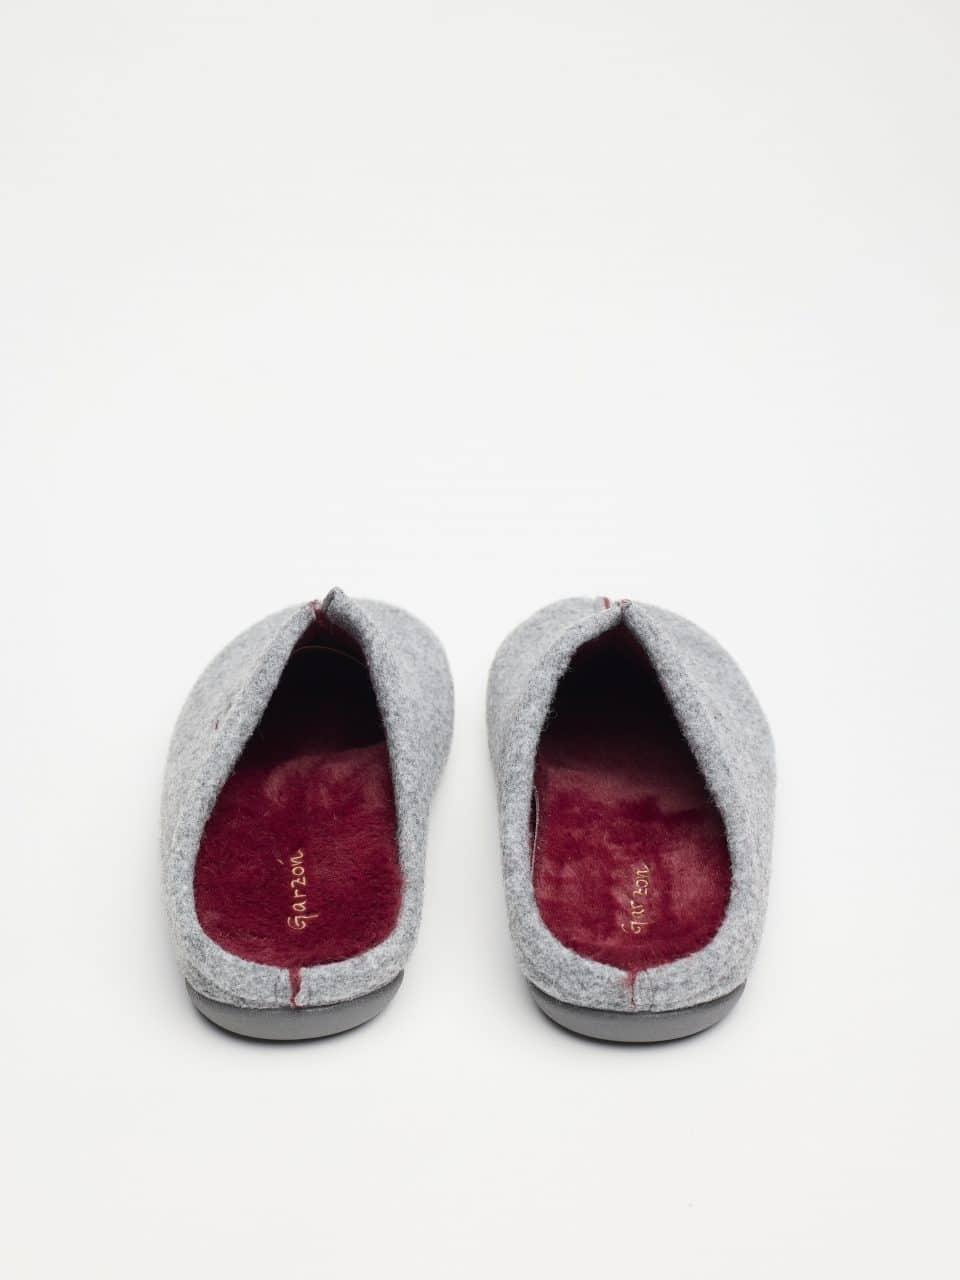 ZUECO PICOS GRIS BURDEOS Garzón en Loyna Shoes